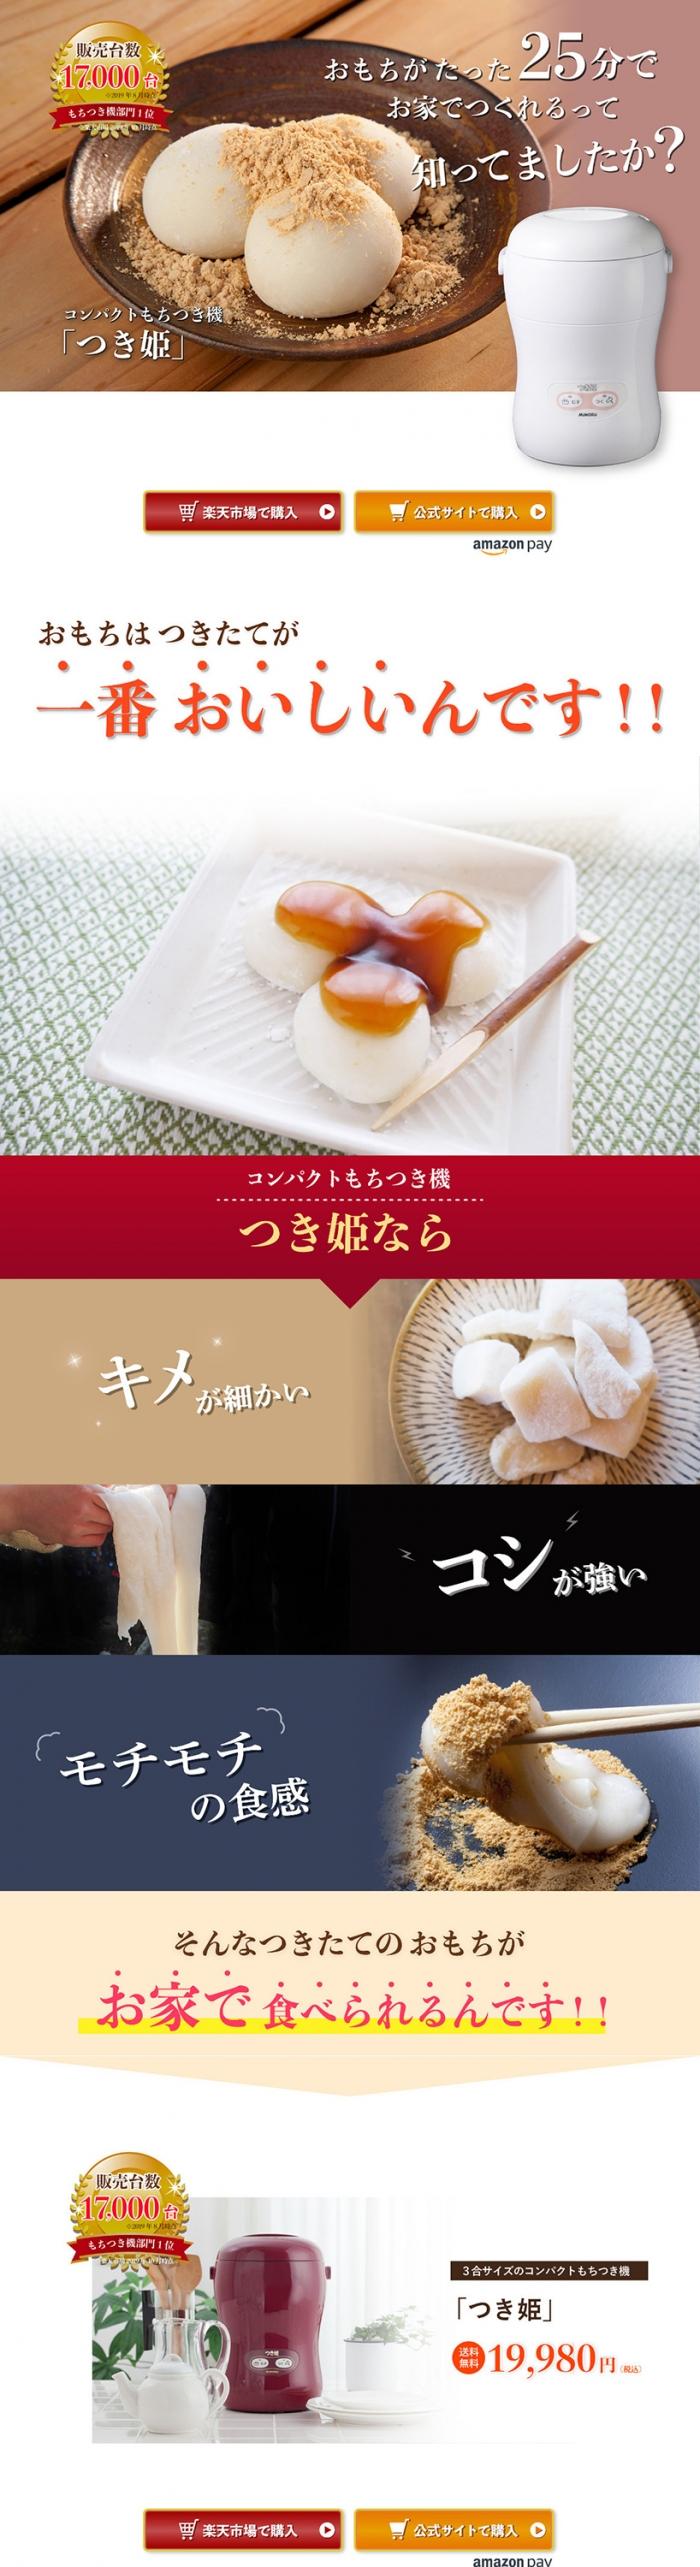 ランディングページ(LP)制作(つき姫)